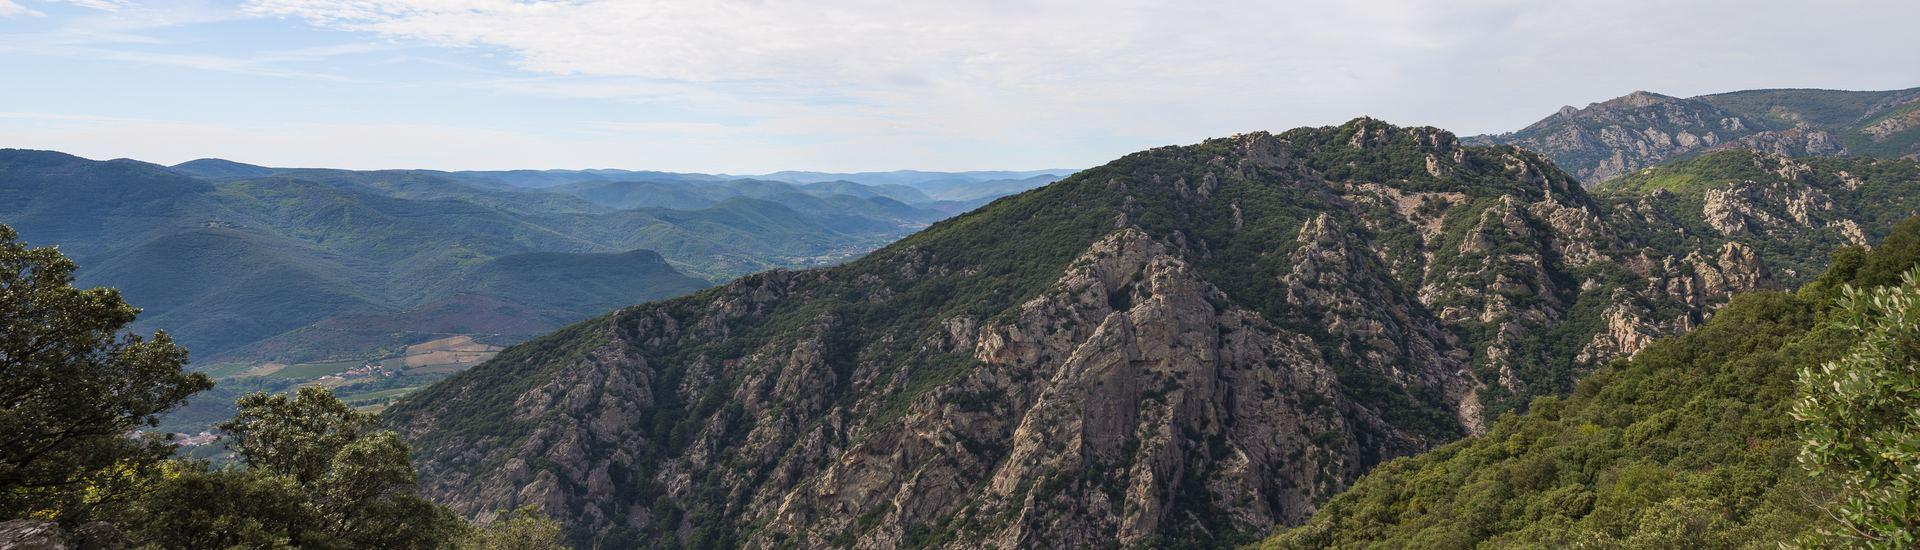 Roc de Peyris (595m), Mons, Hérault, France.